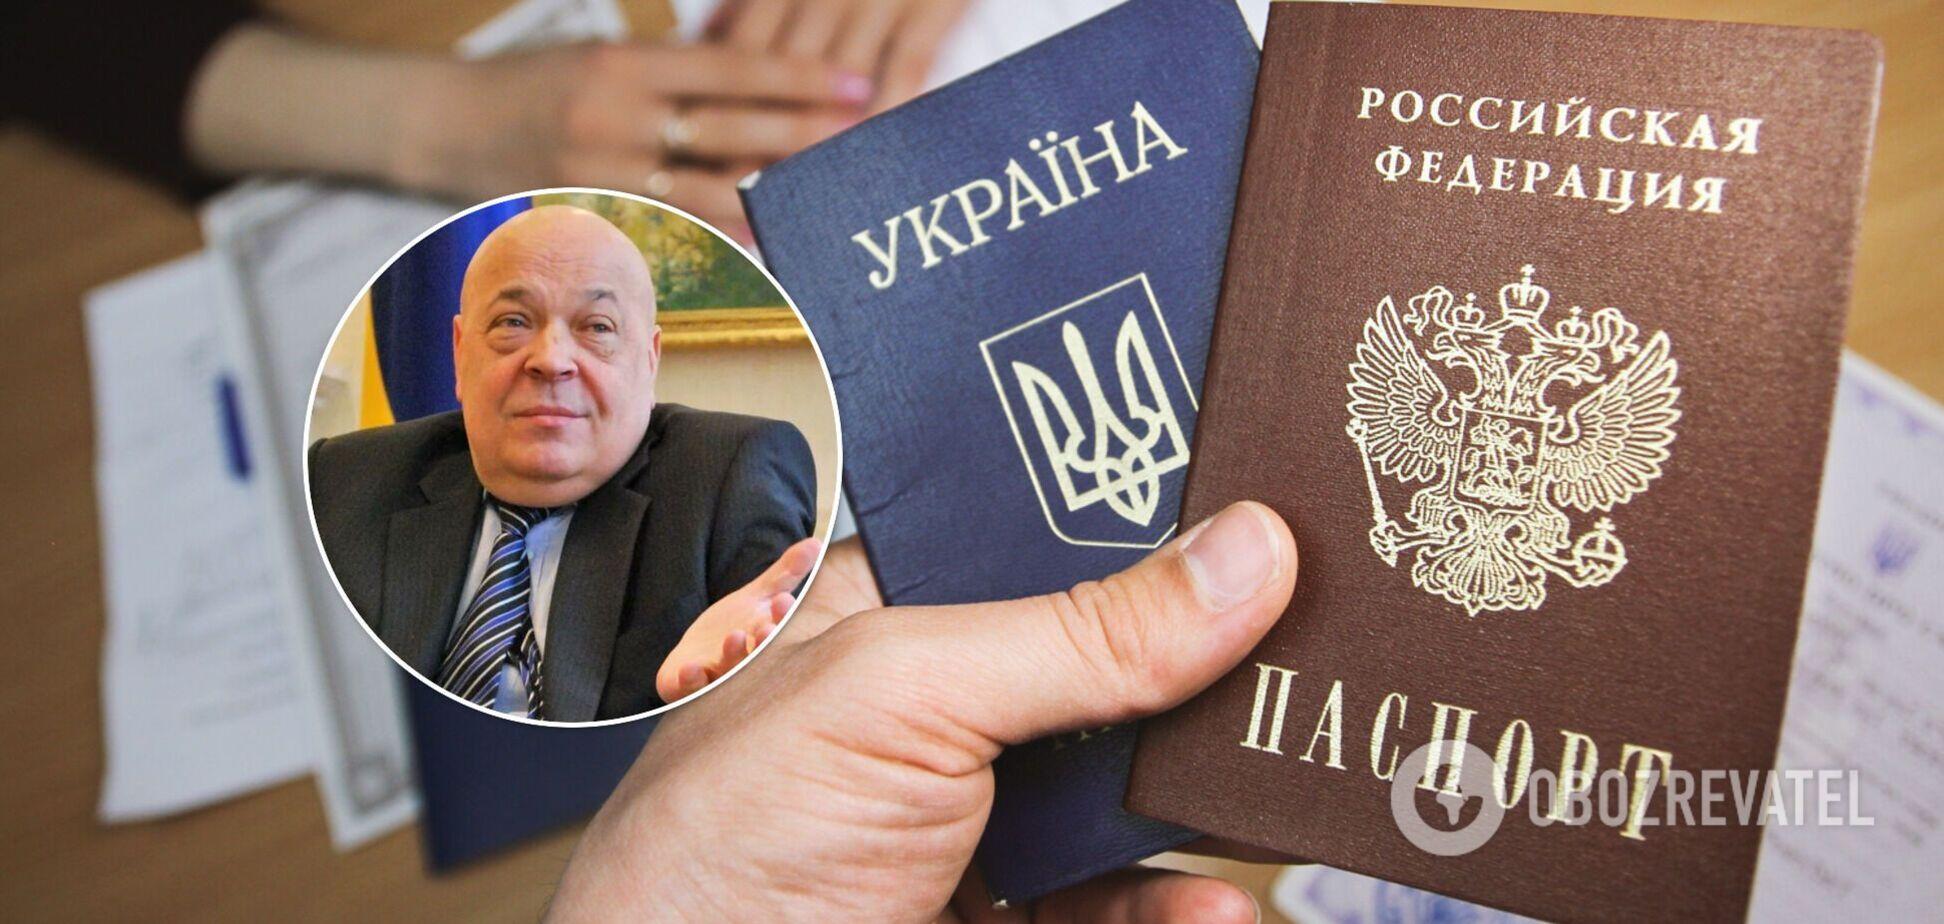 Украинцев с паспортами РФ следует лишать гражданства, – Москаль